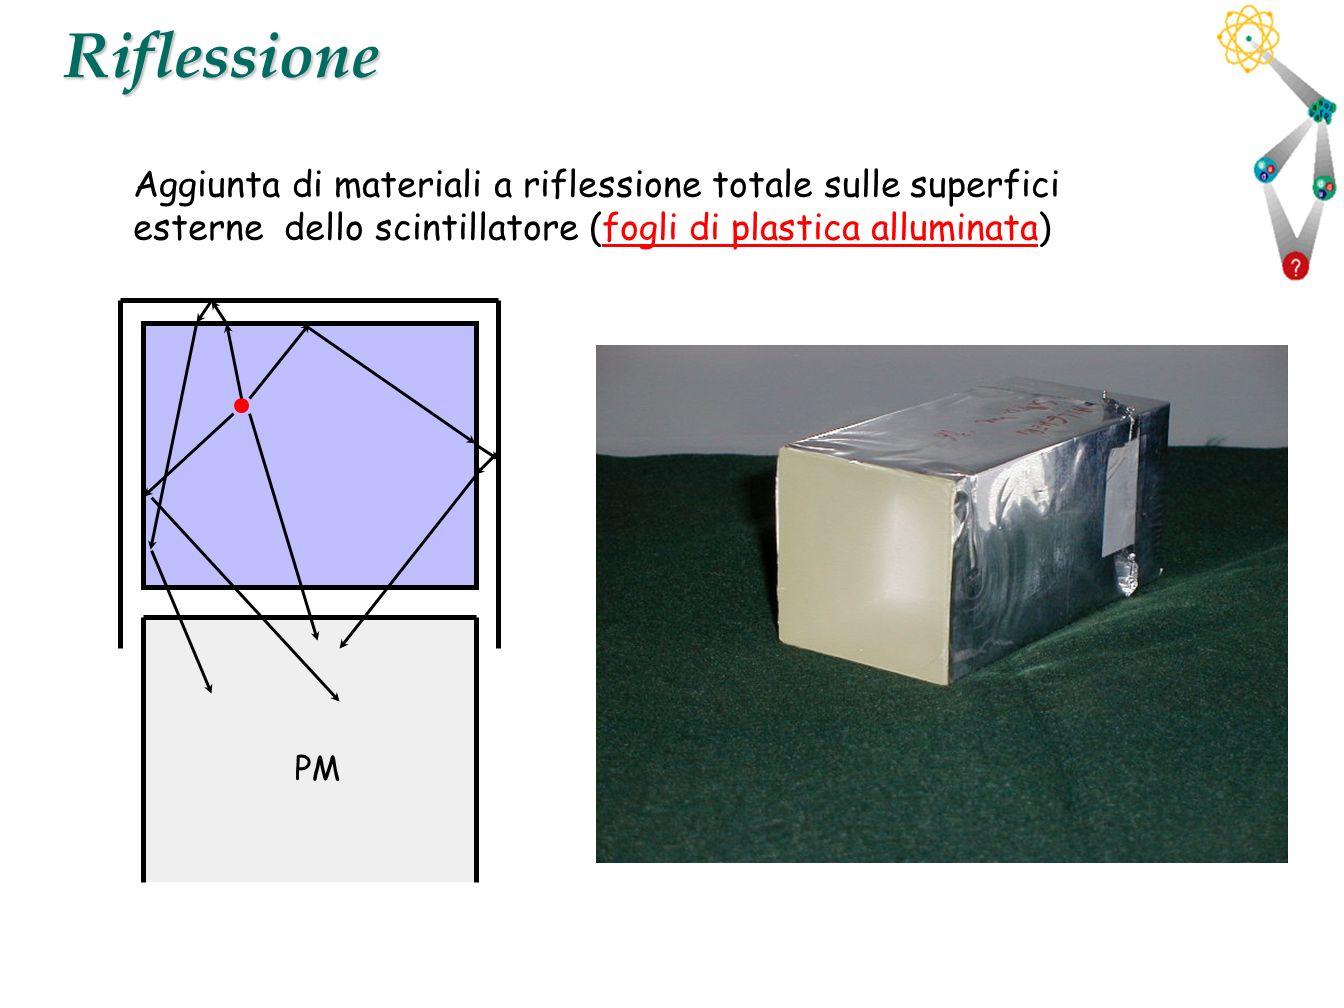 18Riflessione Aggiunta di materiali a riflessione totale sulle superfici esterne dello scintillatore (fogli di plastica alluminata) PM